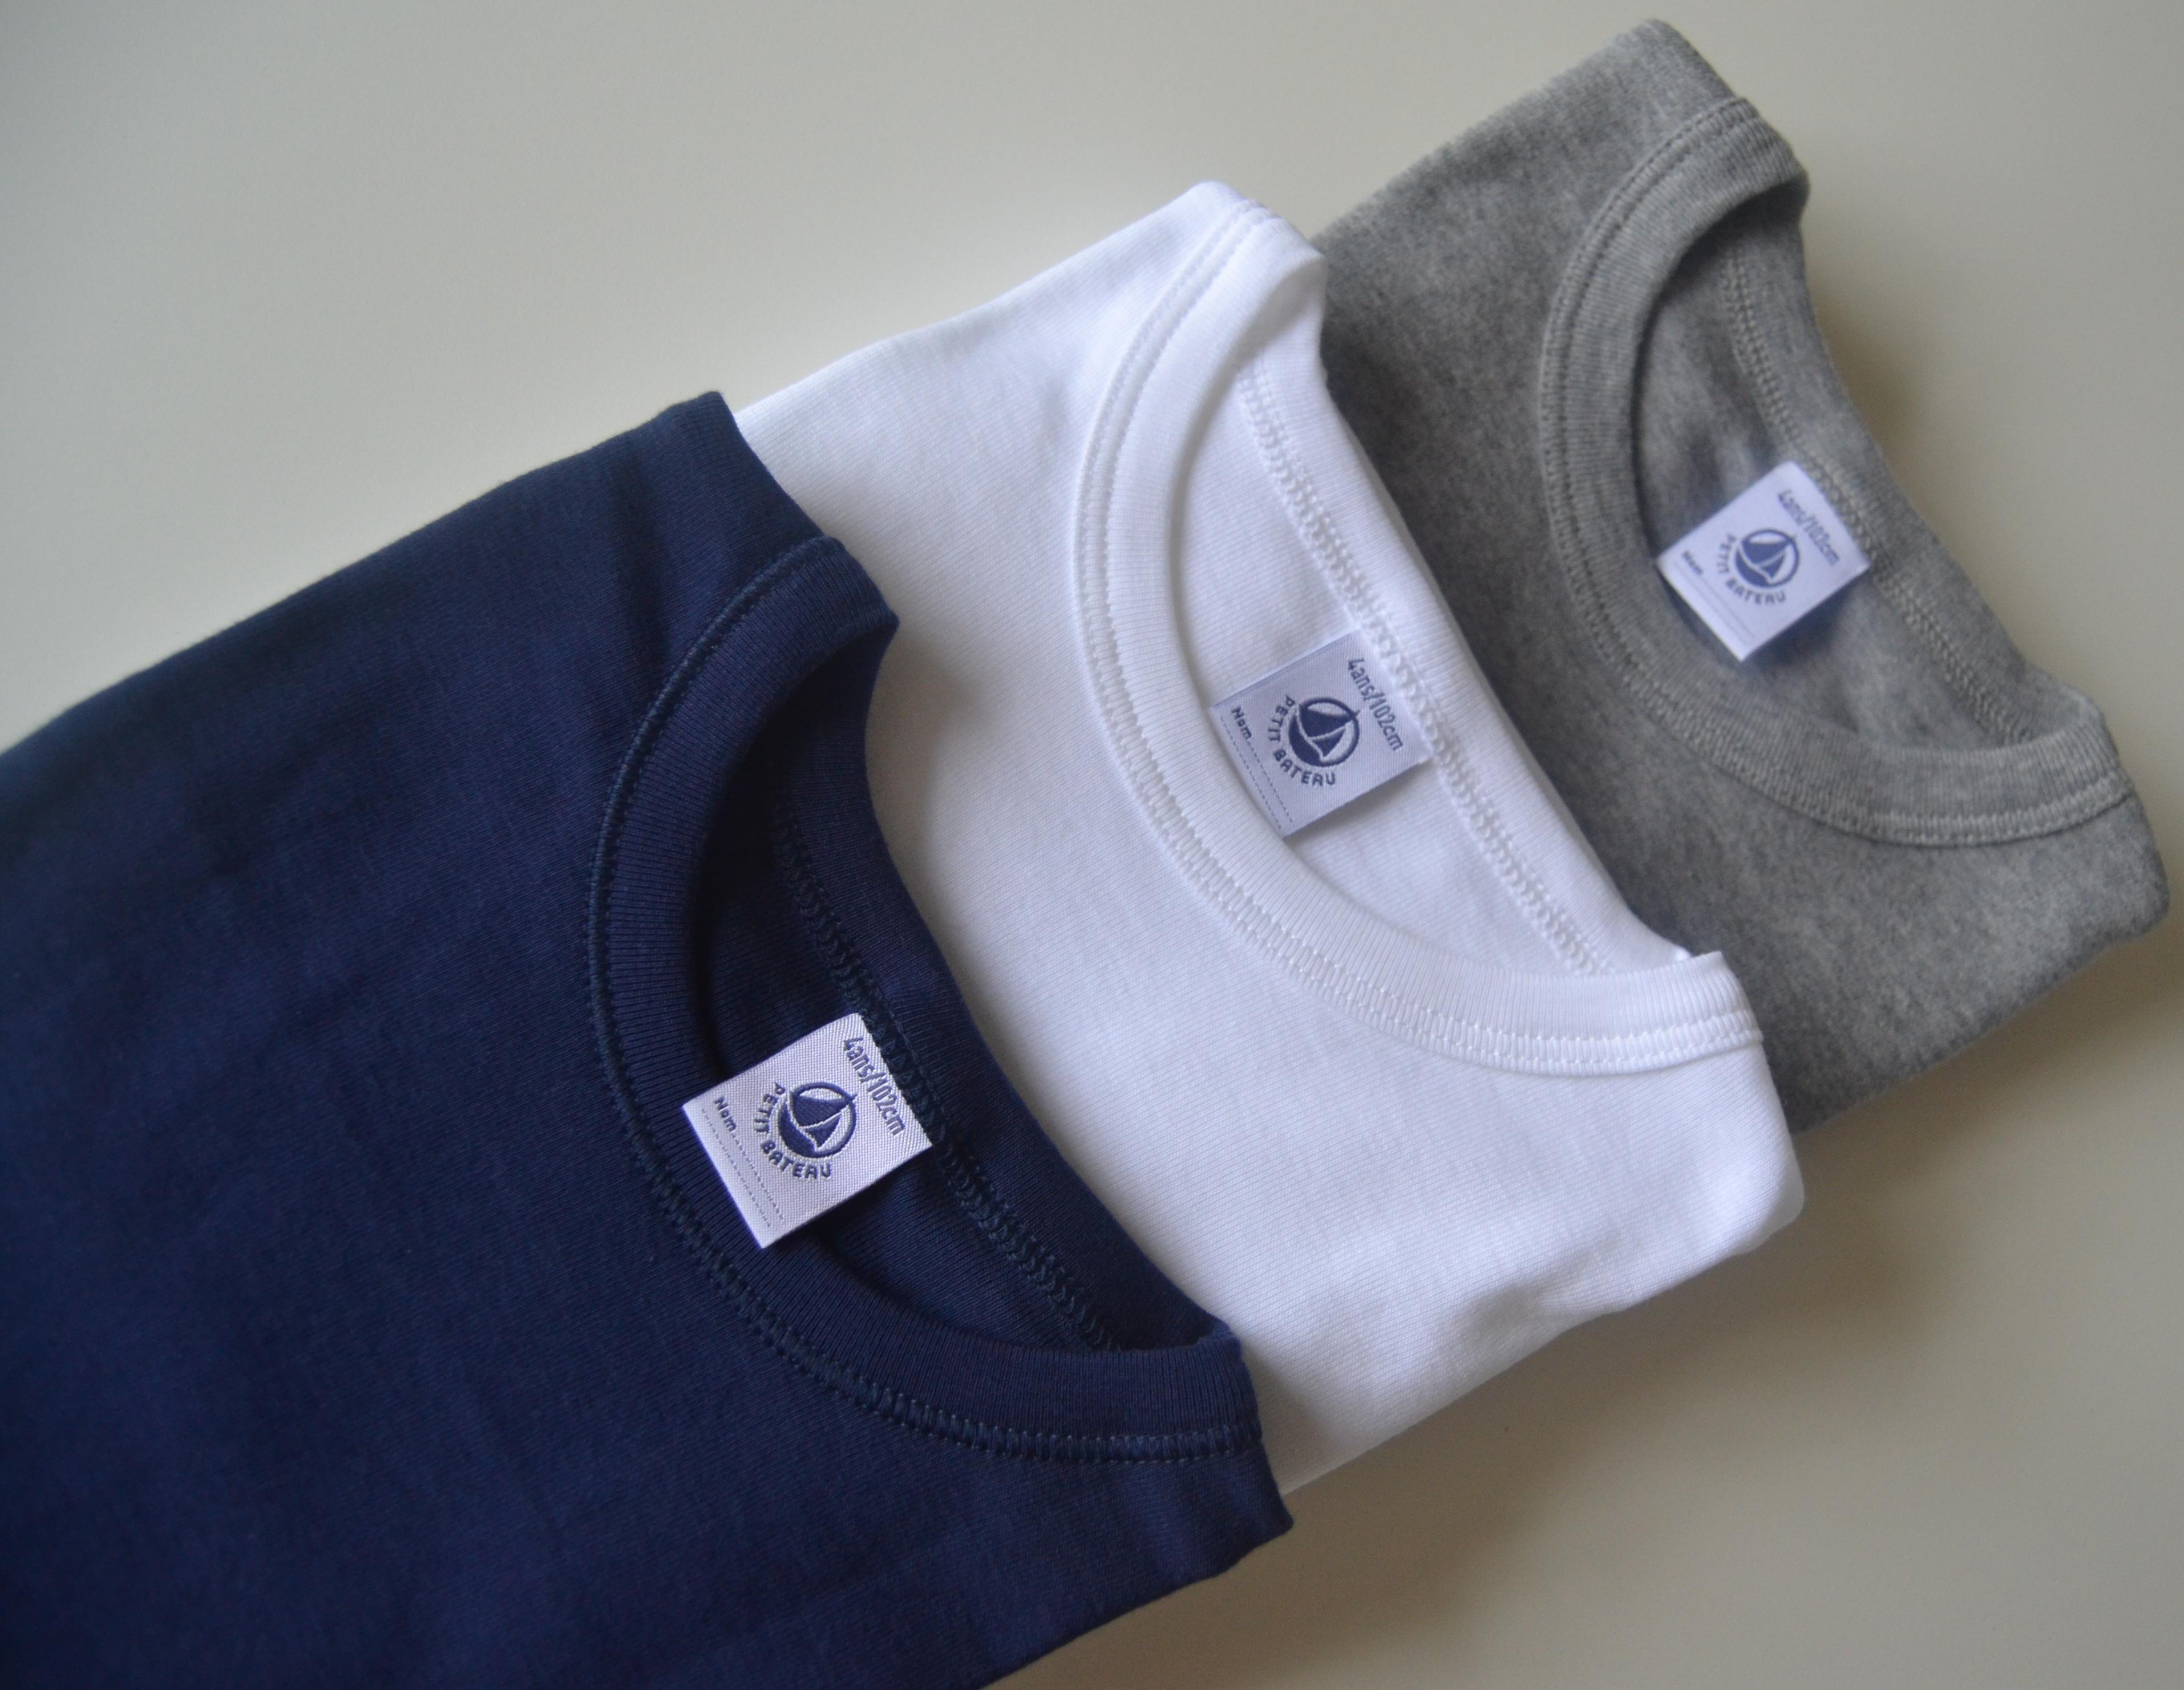 bcafdc985d42 Jeg har gennem tiden altid været på udkig efter det lækreste basic tøj.  T-shirts